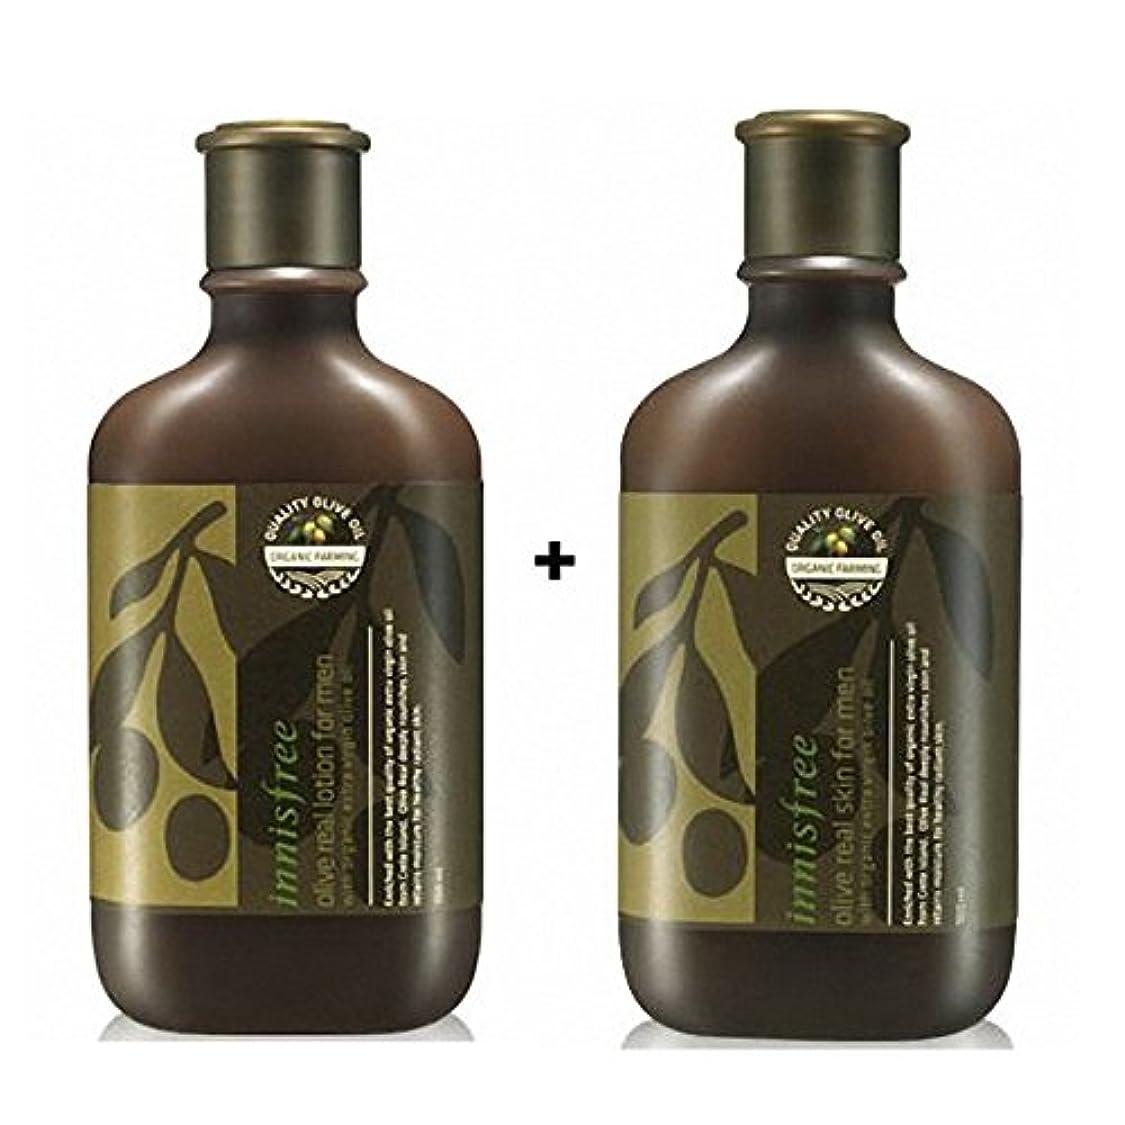 宝石アンドリューハリディヘルシー[イニスフリー] Innisfree オリーブリアルローション.スキンフォアマンセット(150ml+150ml) Innisfree Olive Real Lotion.Skin Set  For Men(150ml+150ml)  [海外直送品]